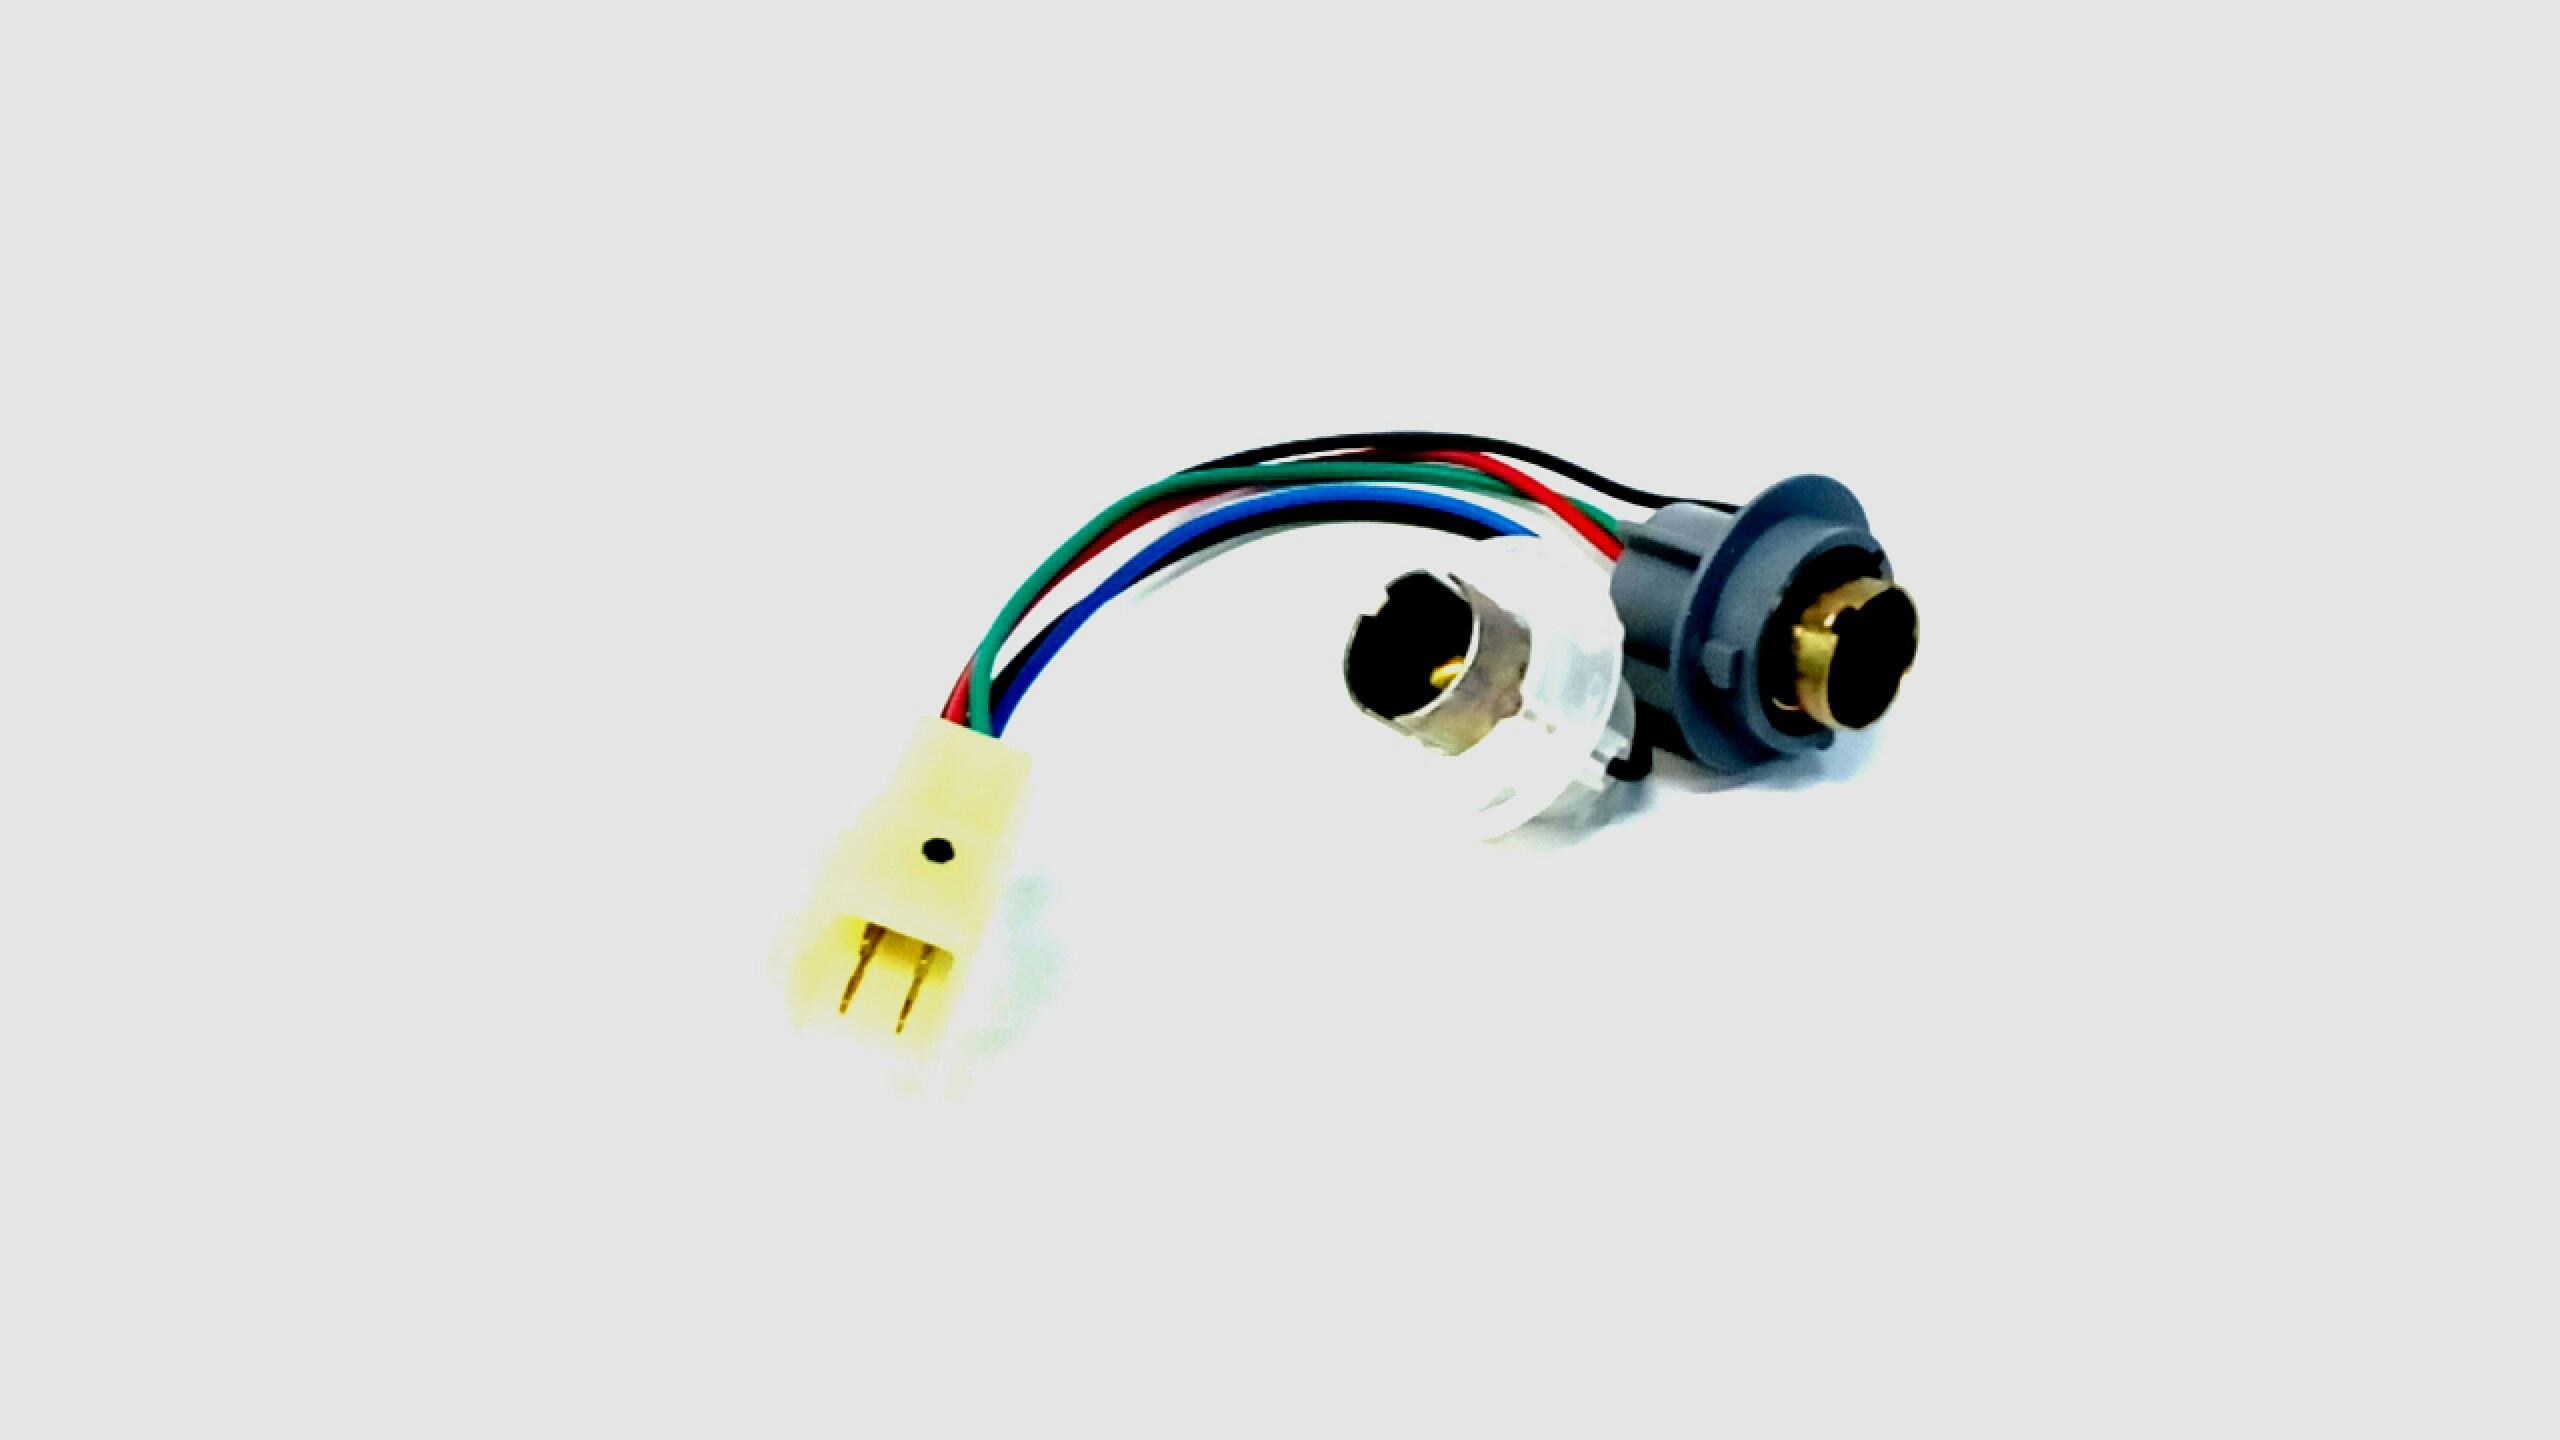 84931ae170 - Tail Light Socket  Rear